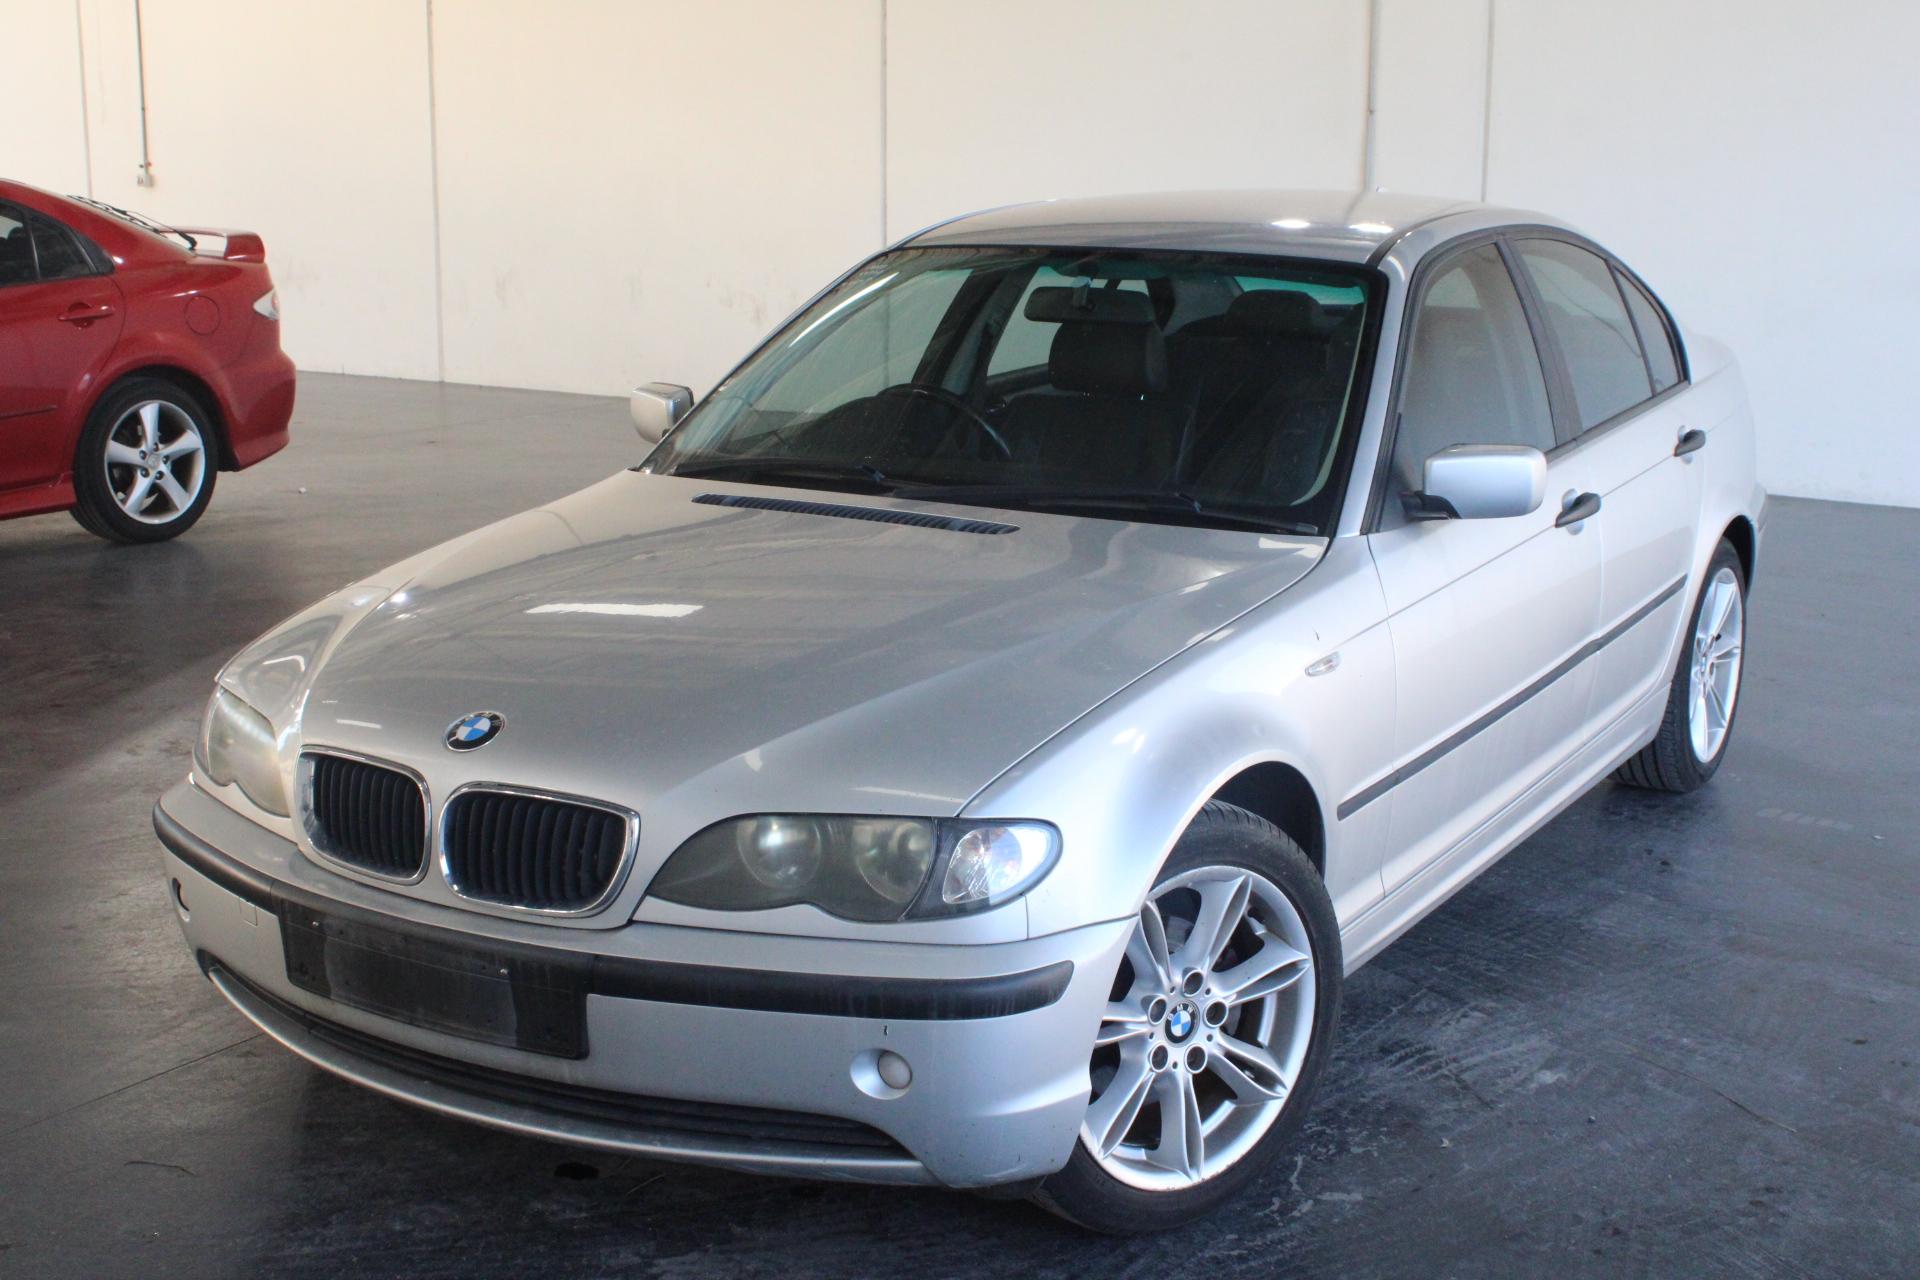 2003 BMW 3 18i E46 Manual Sedan